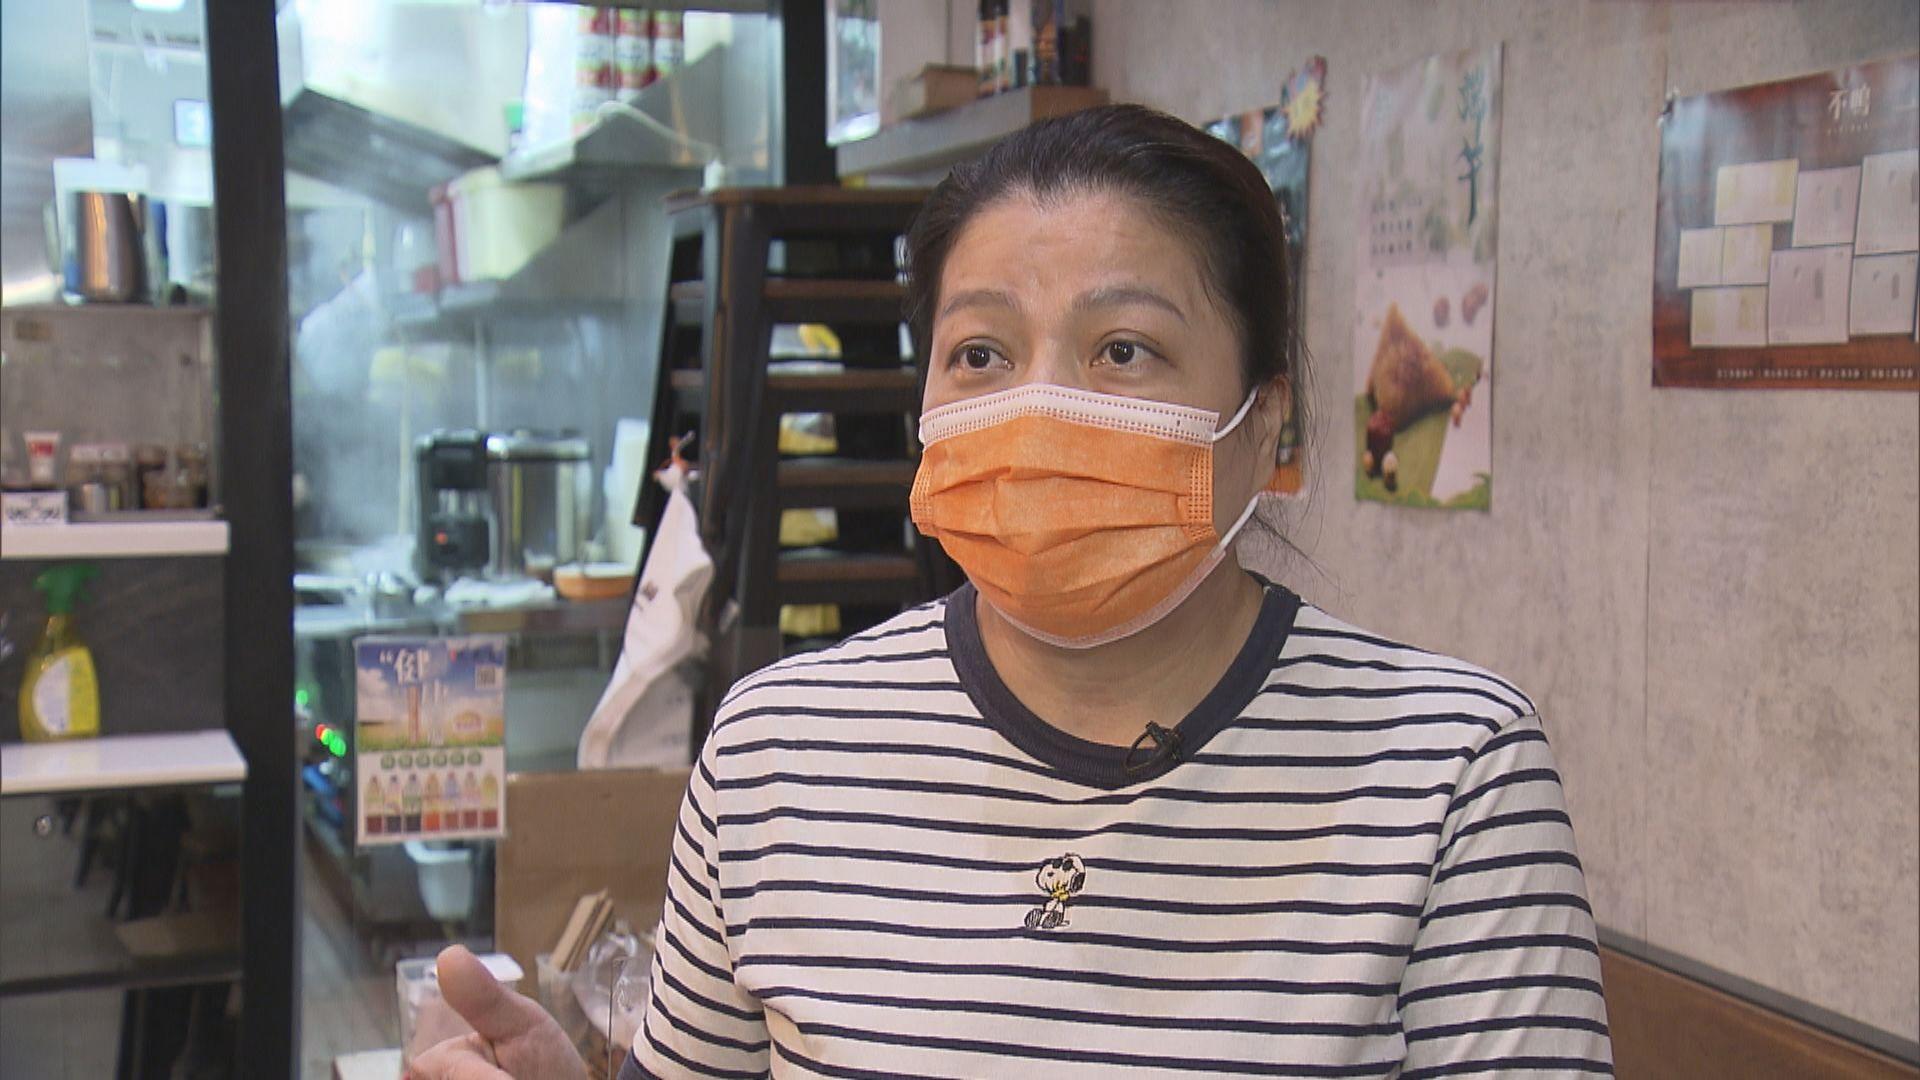 政府推「疫苗氣泡」 食肆負責人:難強制員工接種疫苗